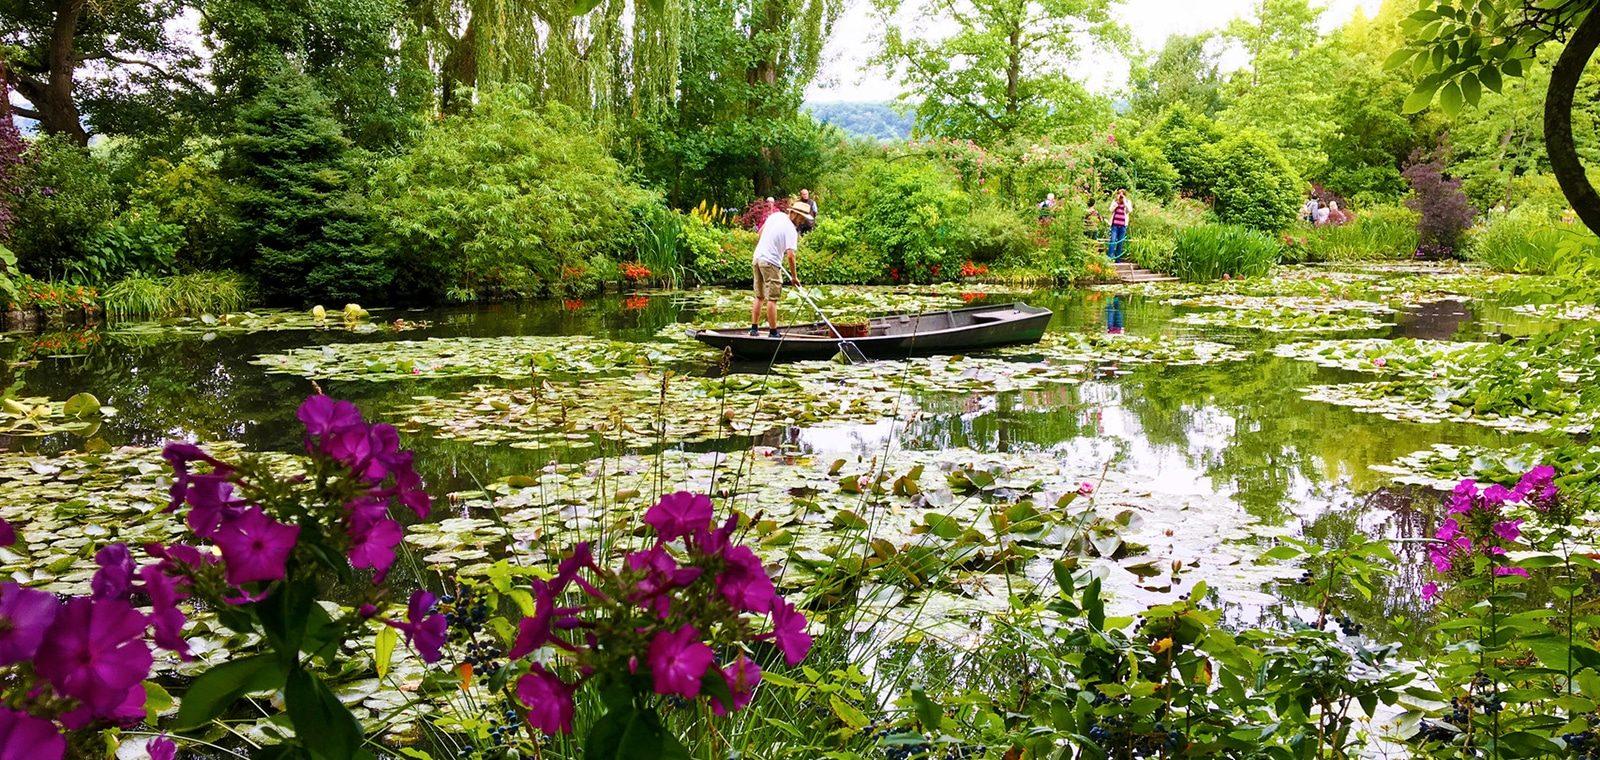 Maison et jardins de Claude Monet, Giverny - Nouvelle Normandie © G.BOUGET